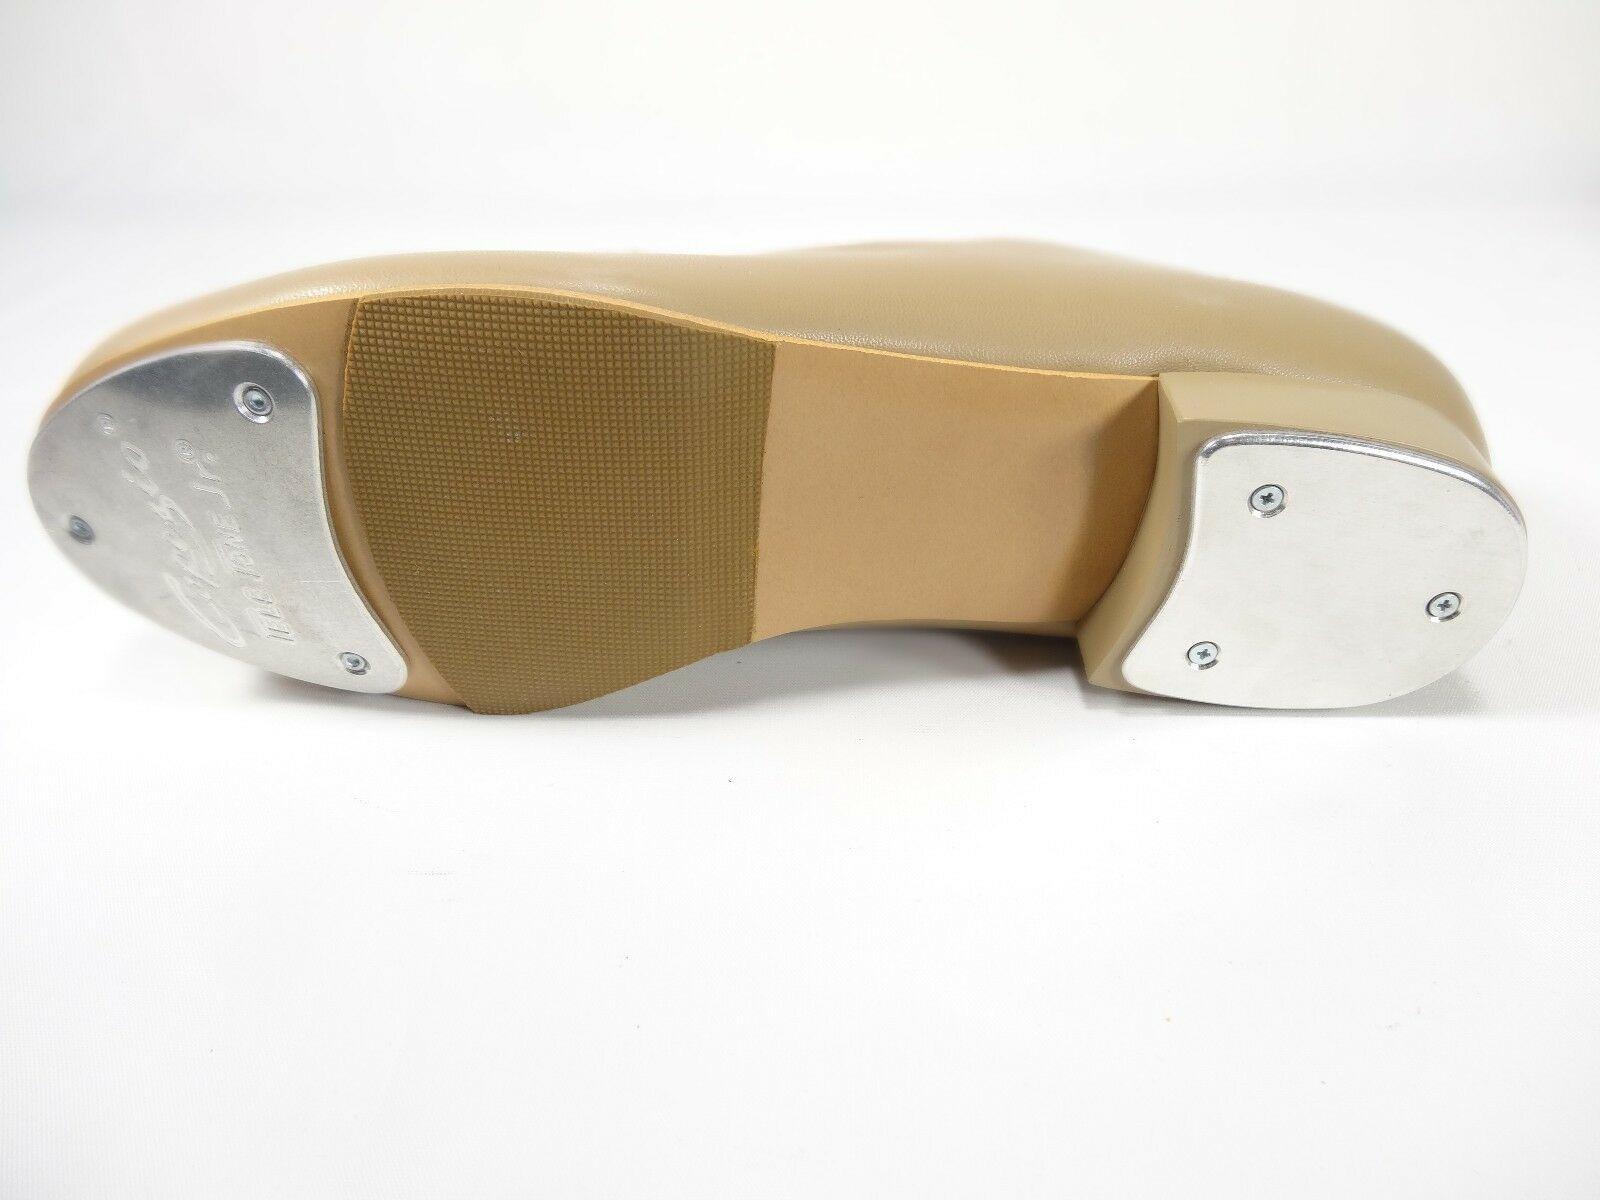 Capezio Tele Tone Jr Tap Dance Shoes Size 7.5M L9 65  Style #442